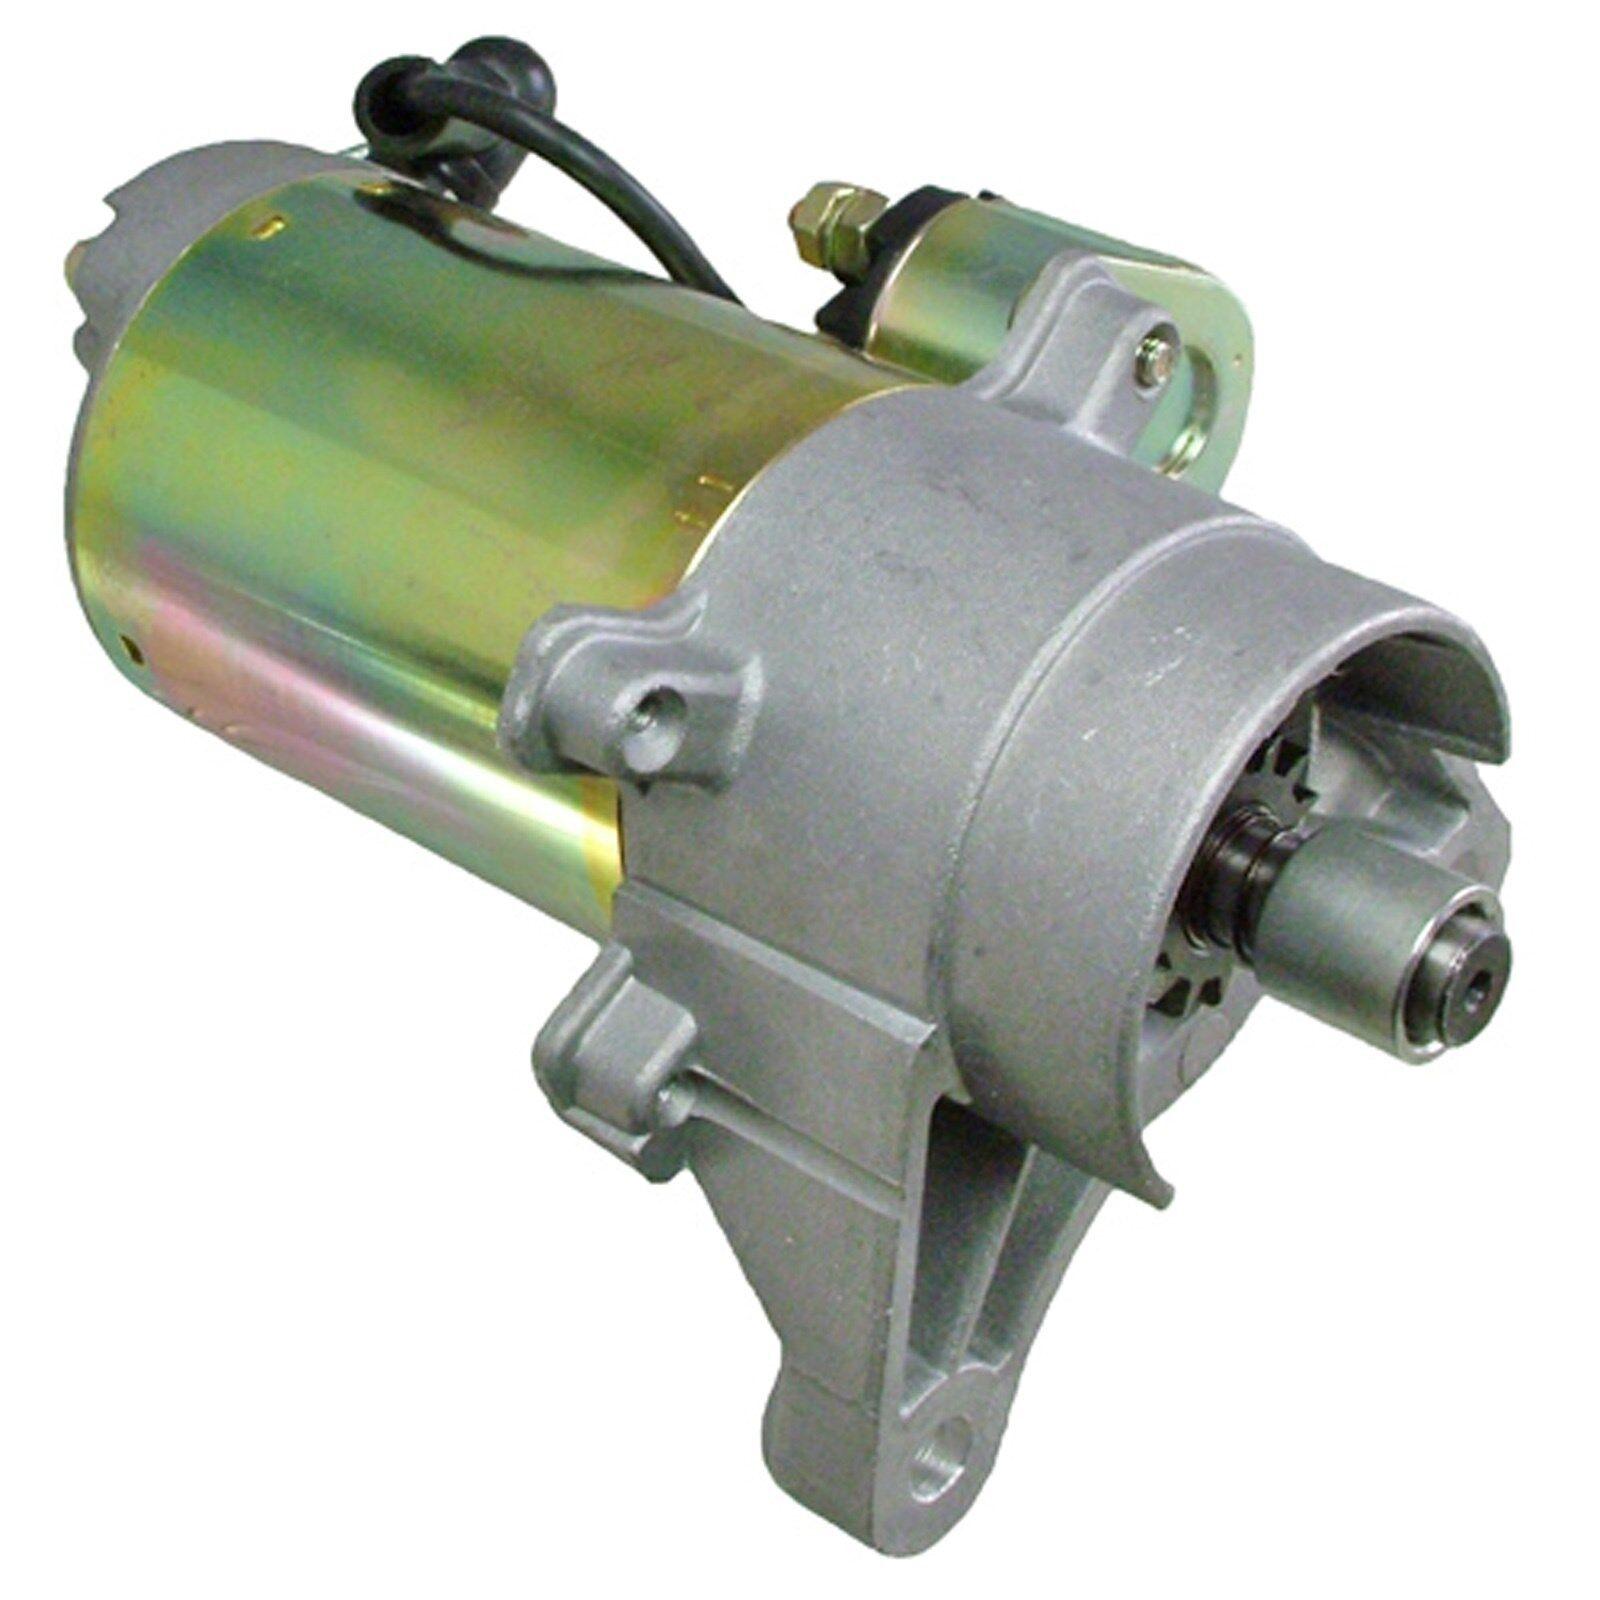 New Starter Motor For Honda Small Engine 13 Hp Gxv390se33